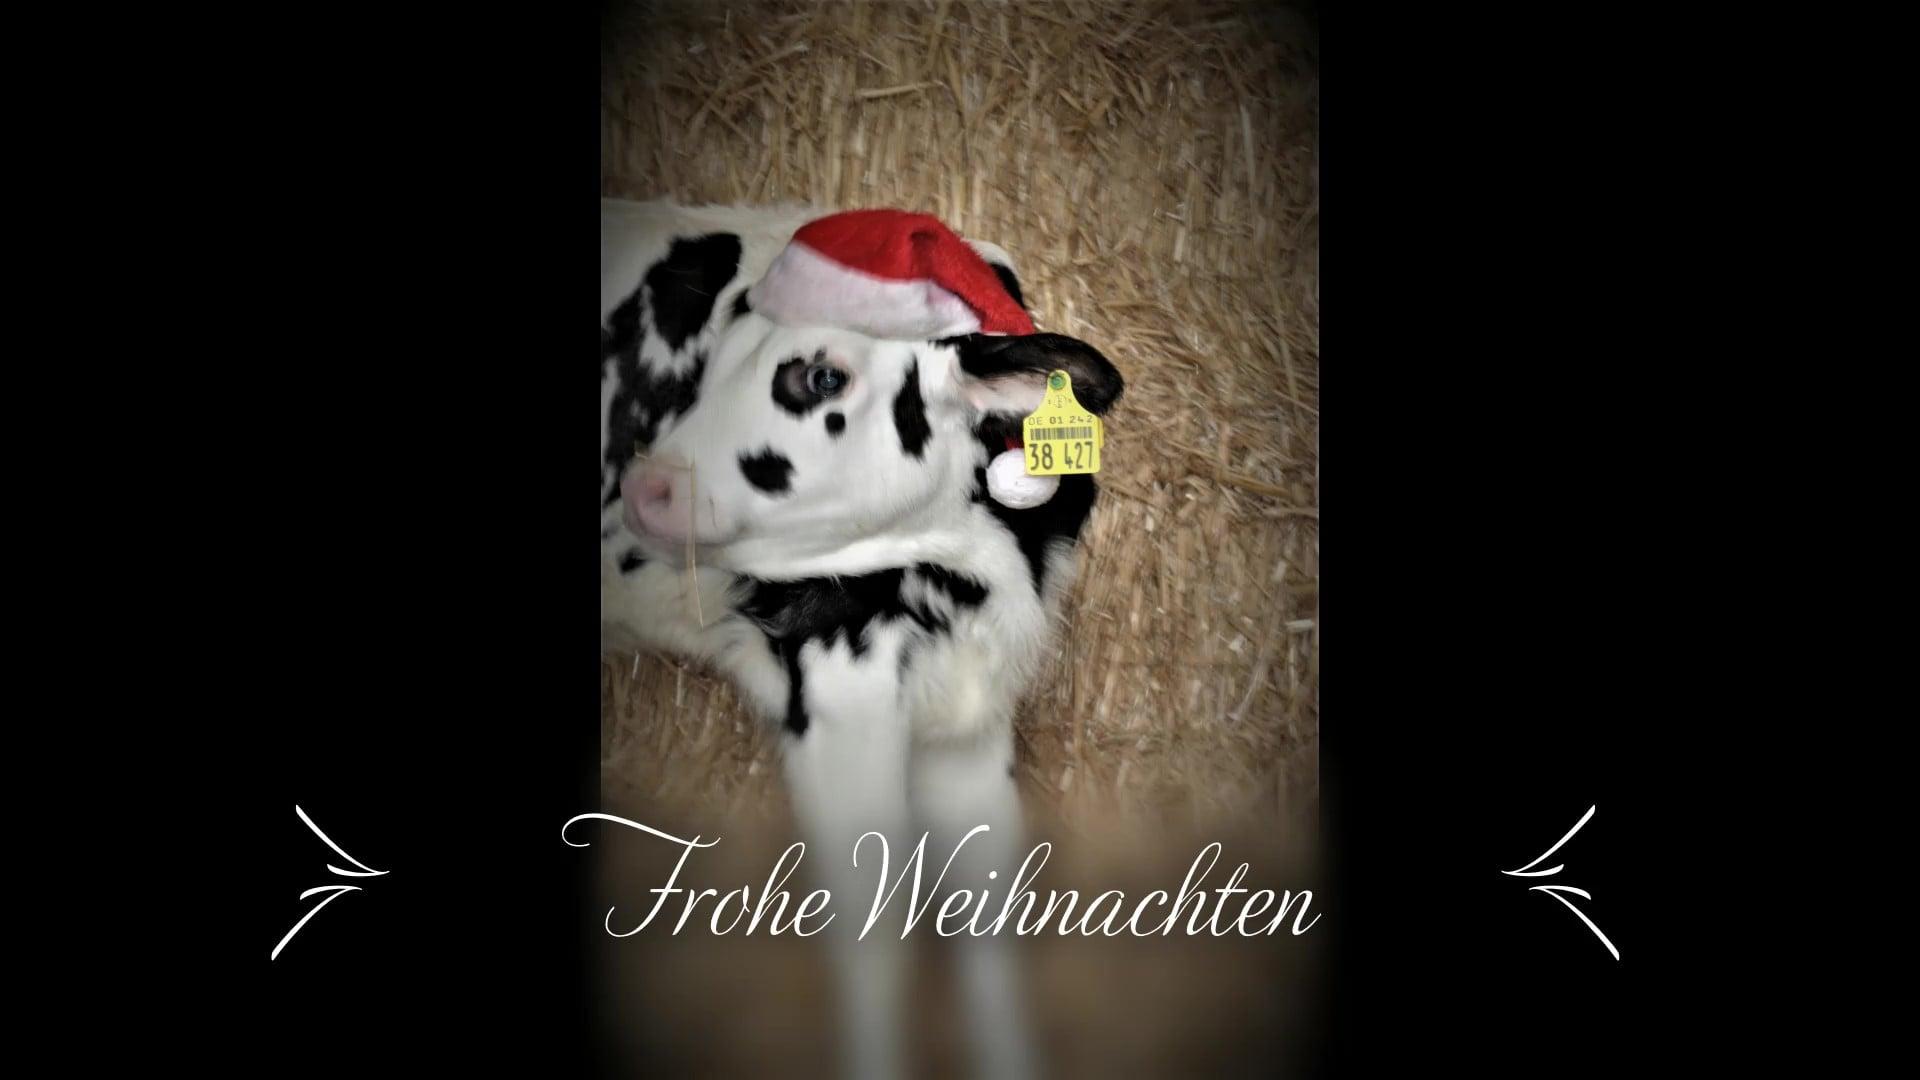 Frohe Weihnachten - Bauernhof Freyer